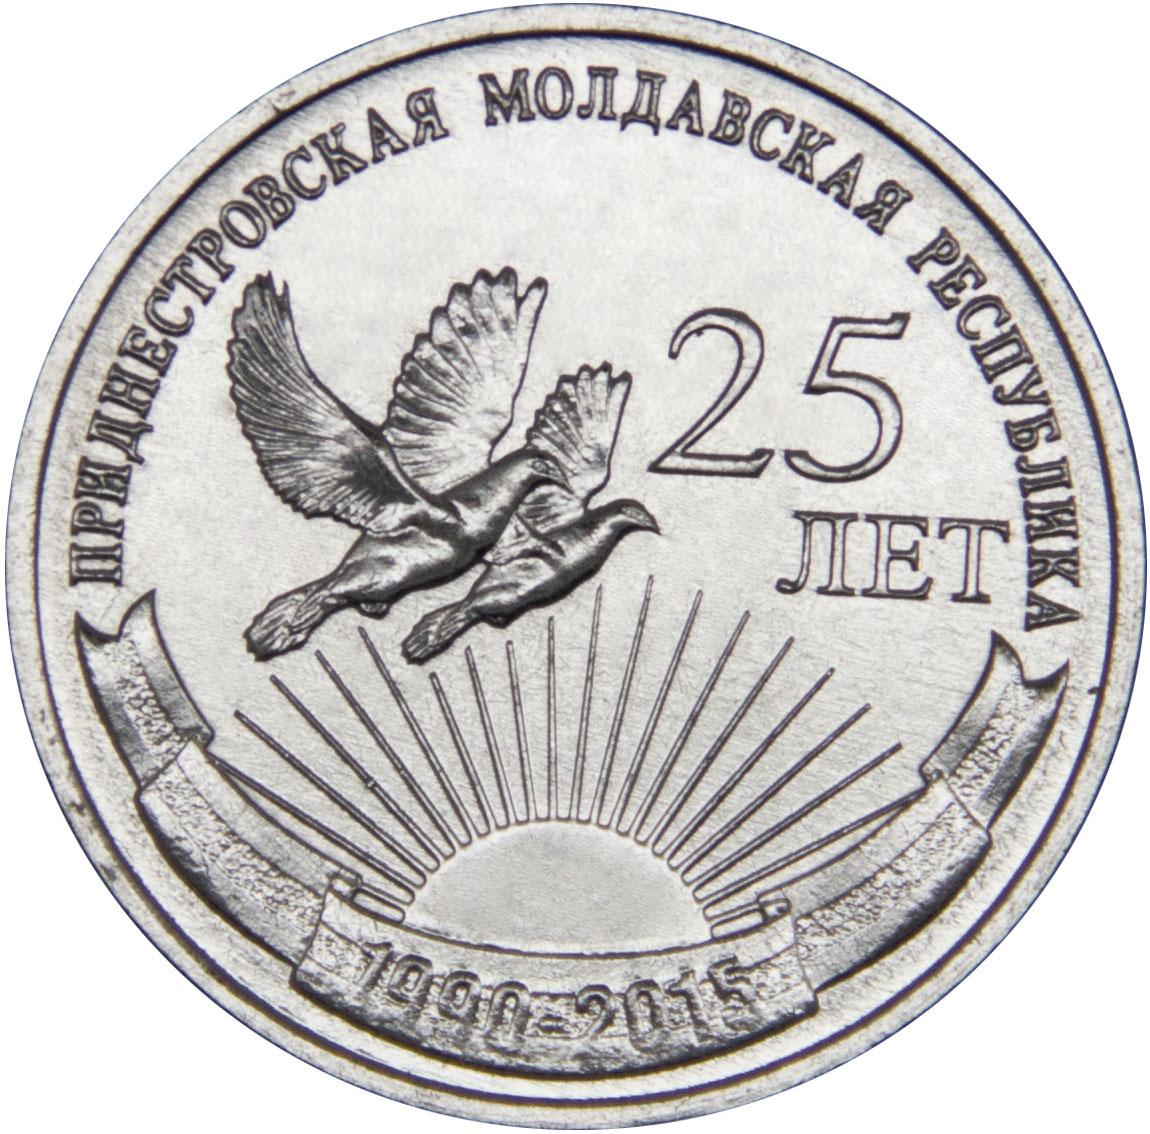 Монета номиналом 1 рубль 25 лет образования Приднестровской Молдавской Республики. Приднестровская Молдавская Республика, 2015 год купон номиналом 1 рубль приднестровская молдавская республика 1994 год